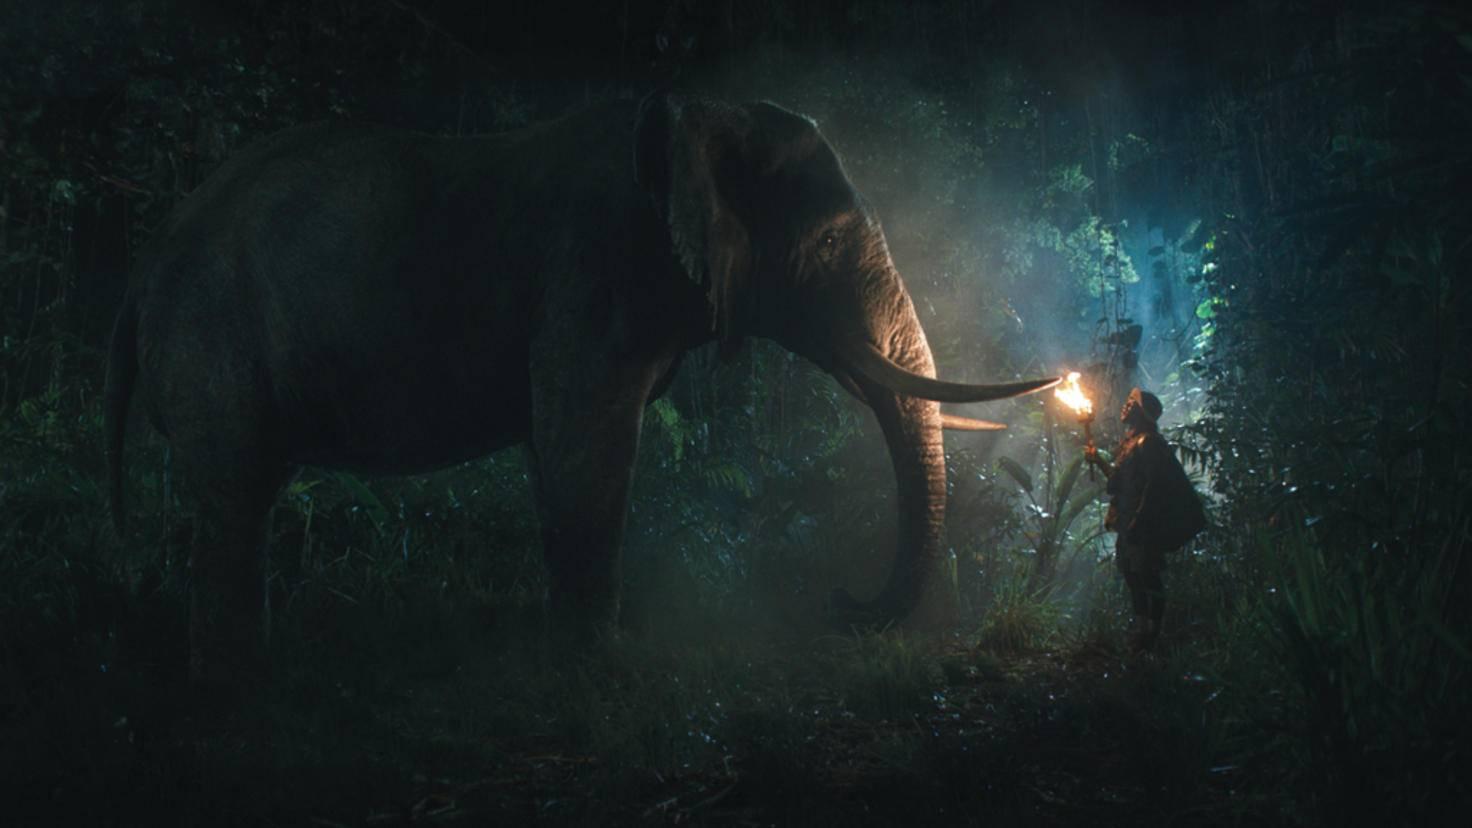 Kein Wunder: Mitten im Dschungel trifft man auf tierische Weggefährten.